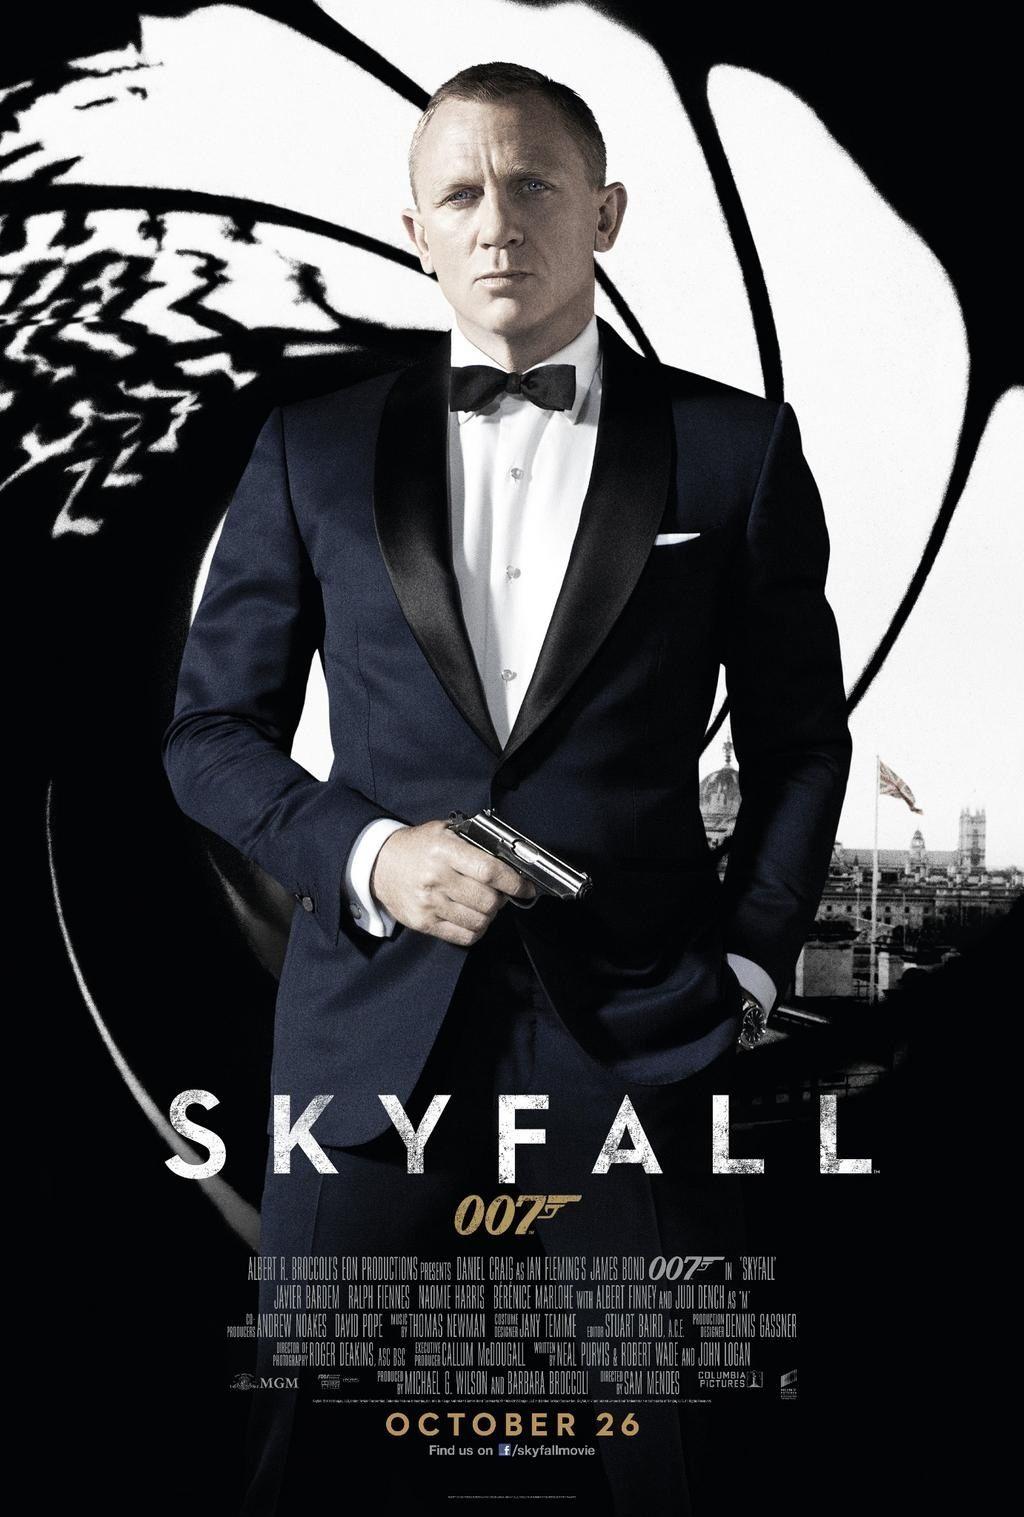 http://cdn.collider.com/wp-content/uploads/skyfall-uk-poster.jpg